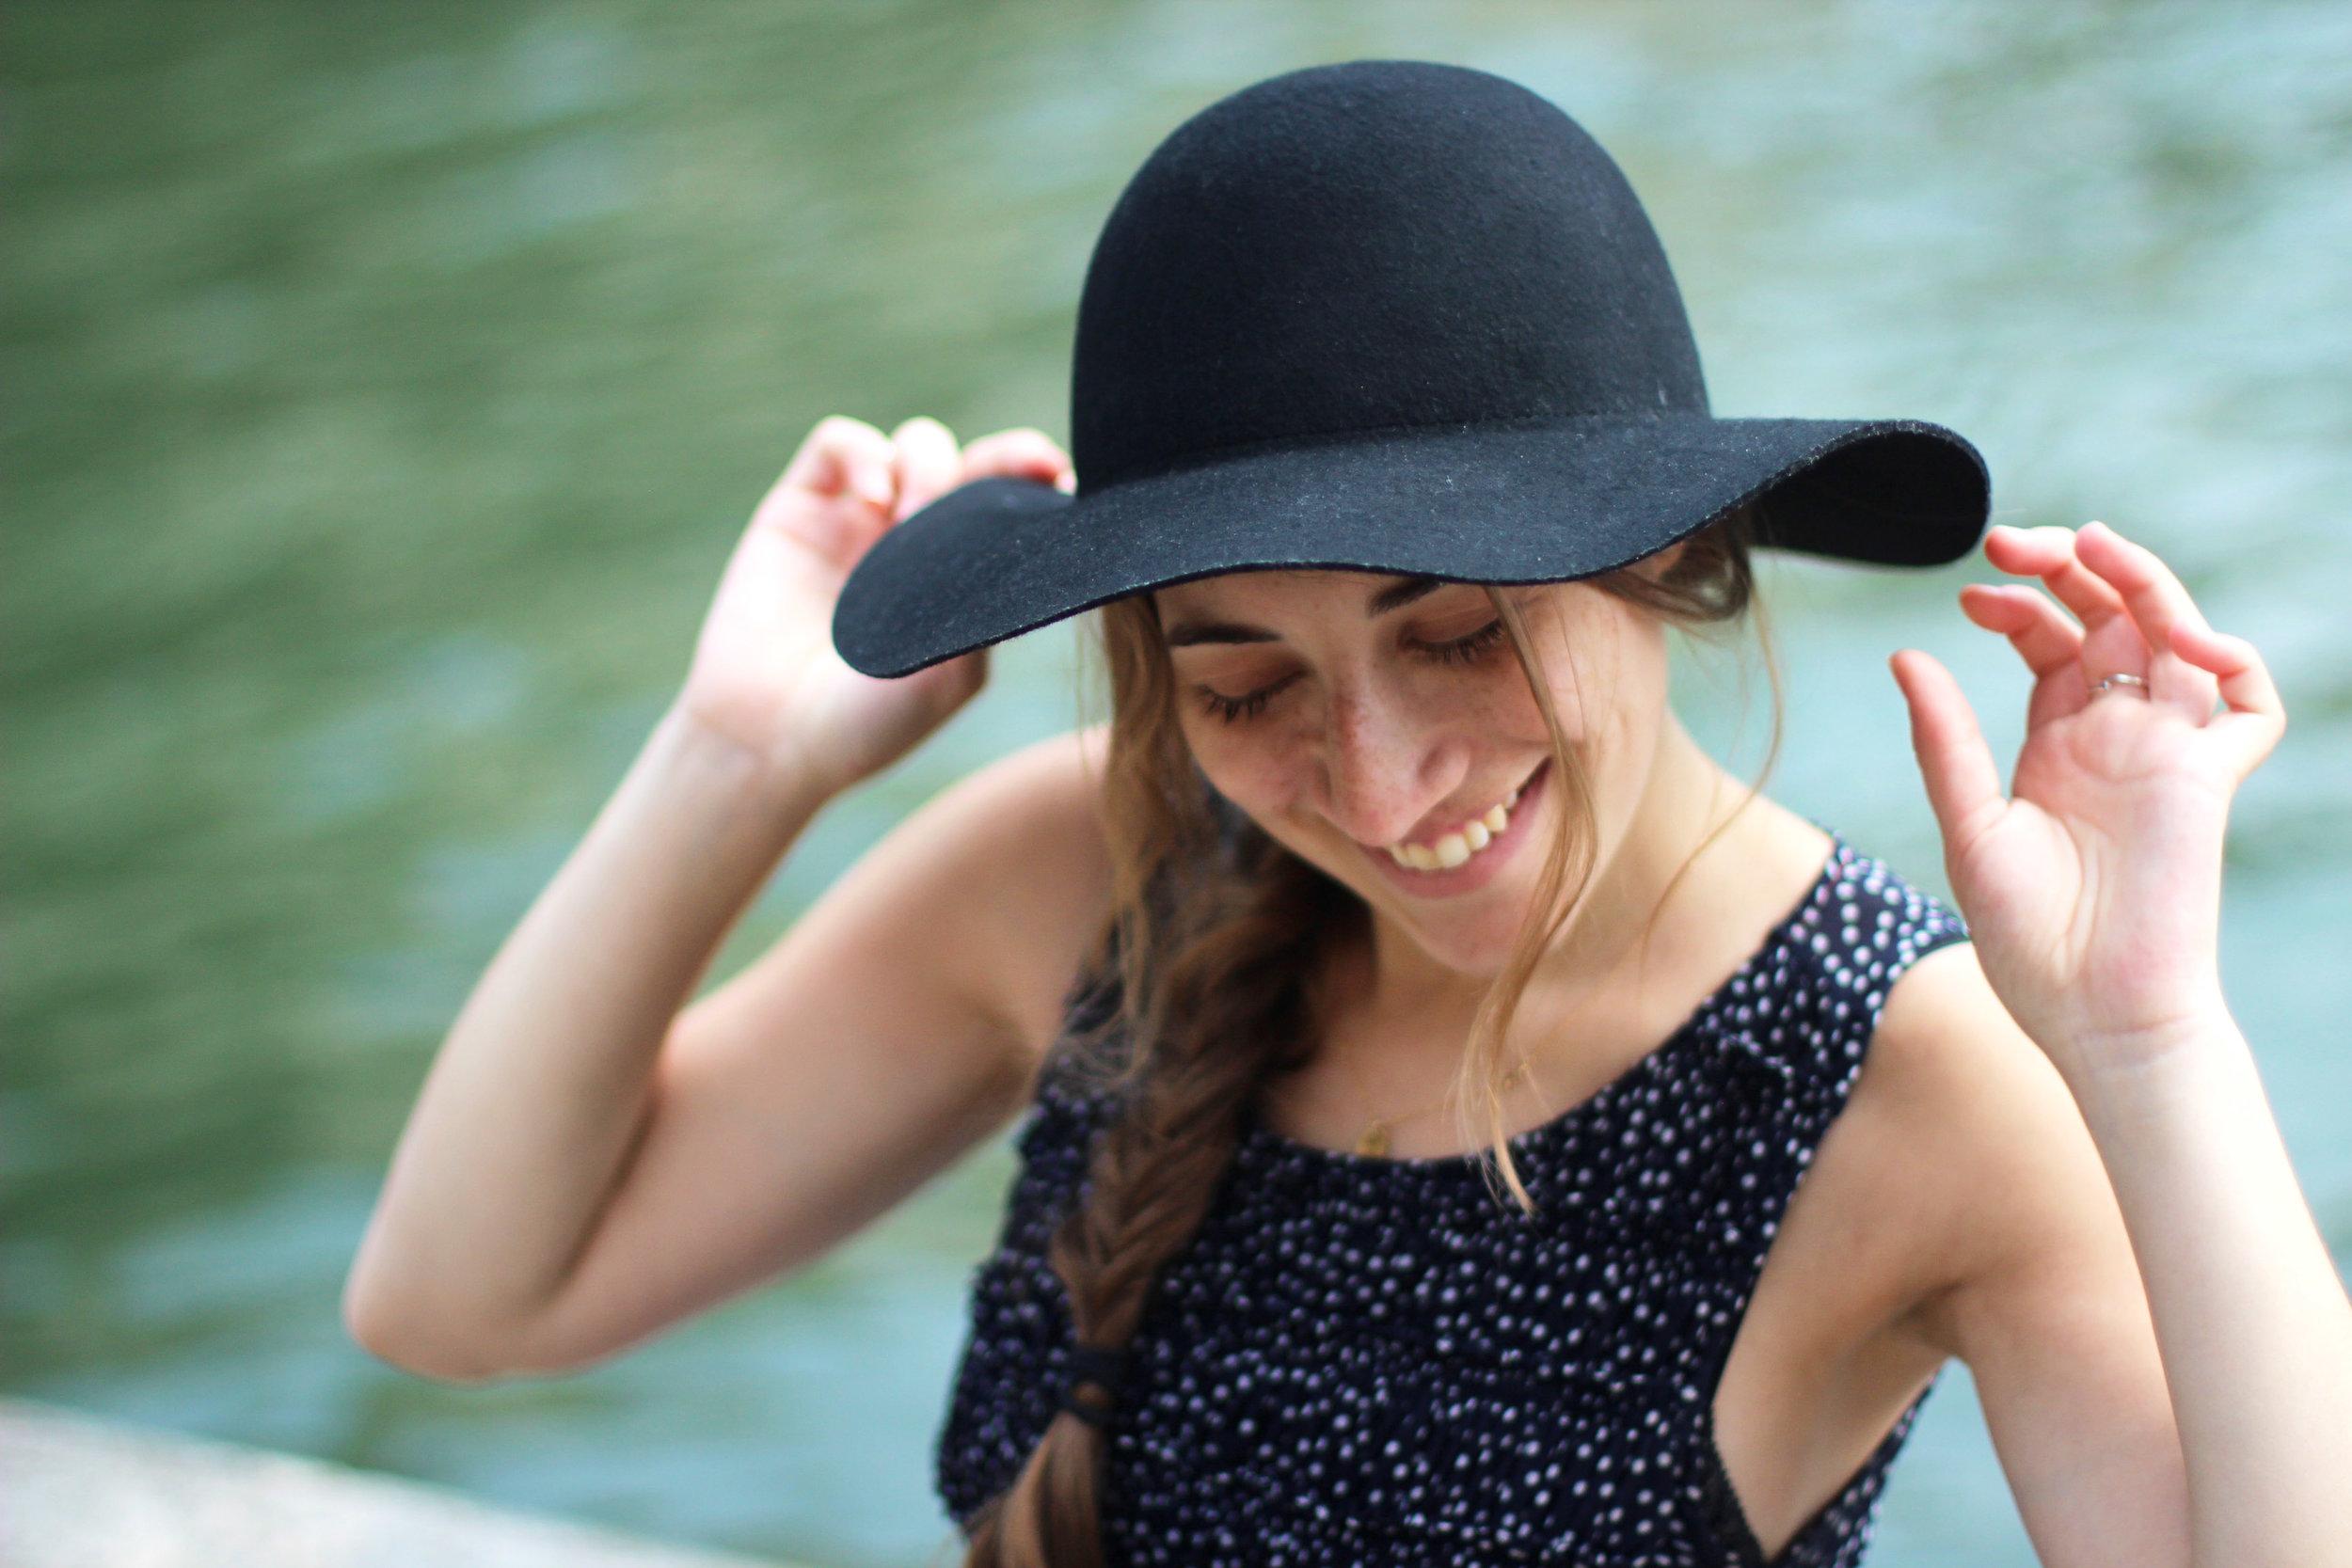 girl smiling hat close up happy original.jpg